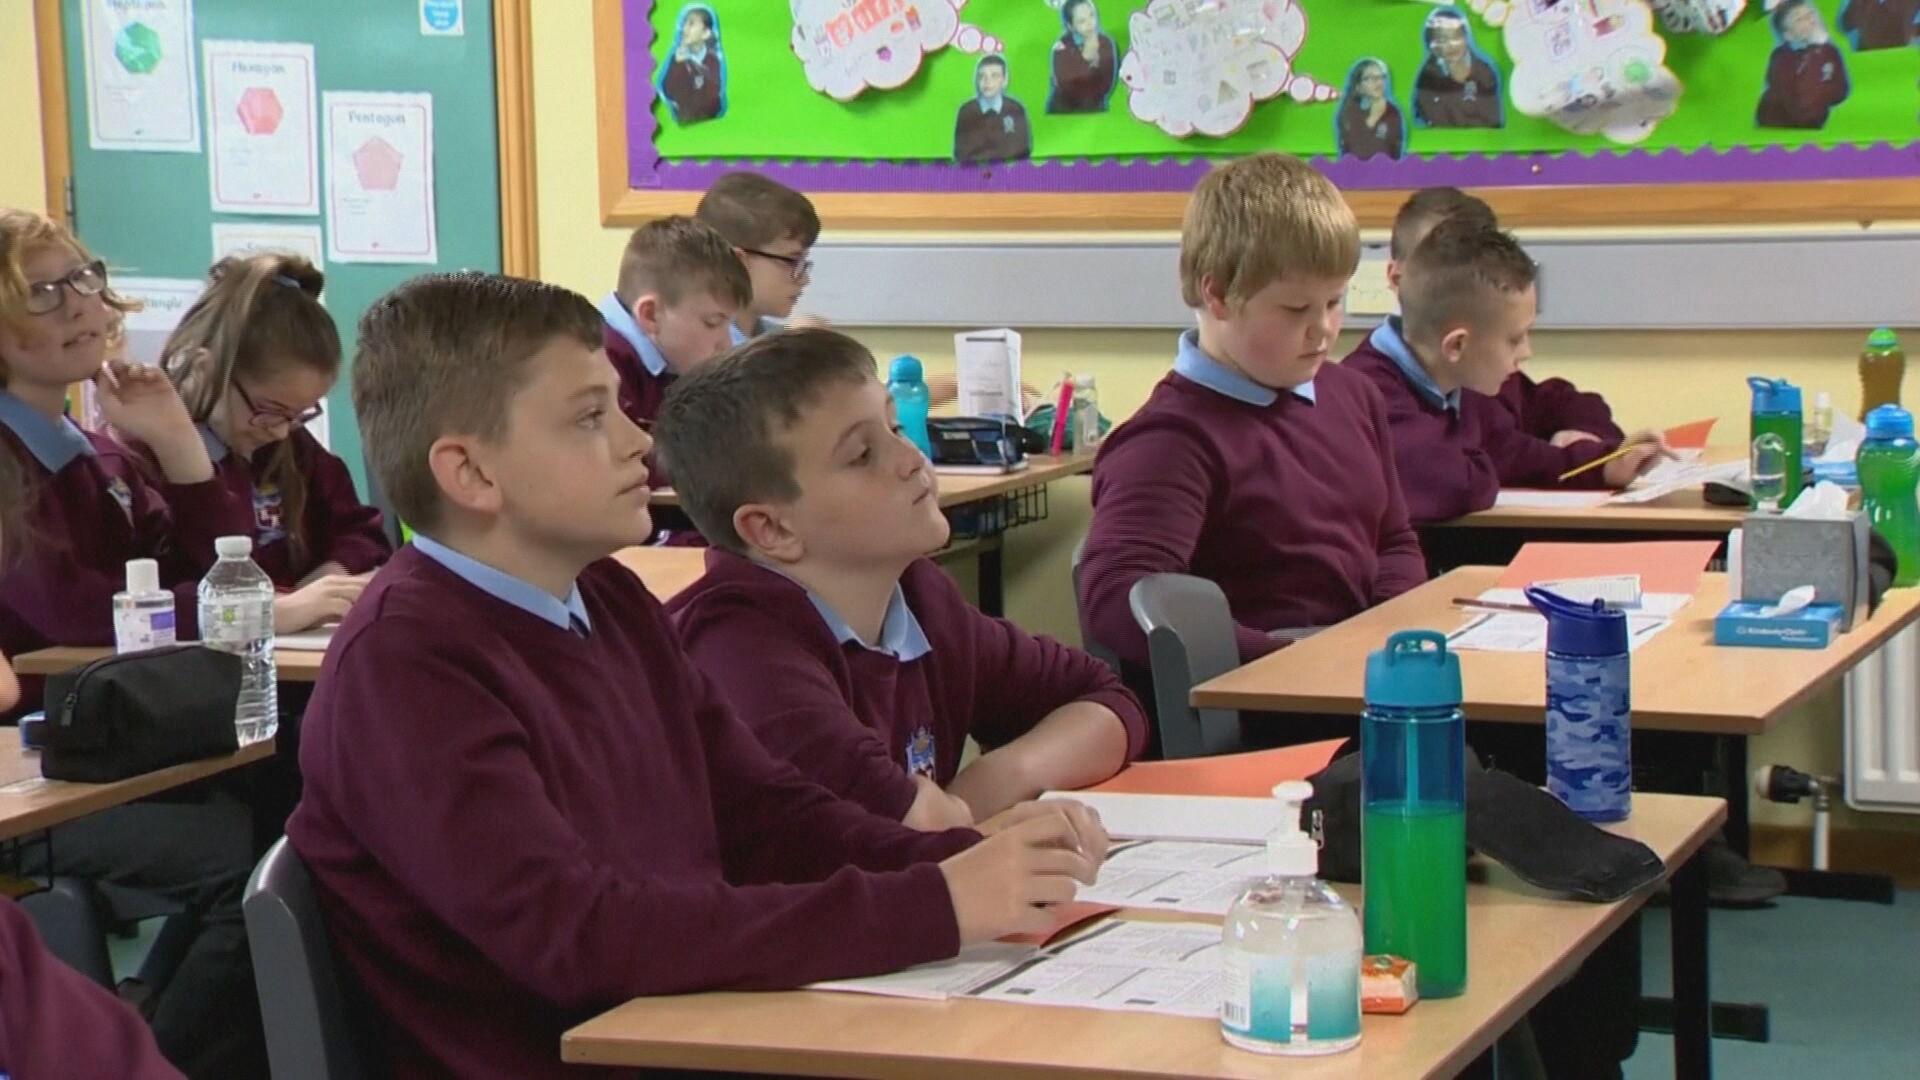 Reino Unido alerta para infecções da variante originária da Índia em escolas